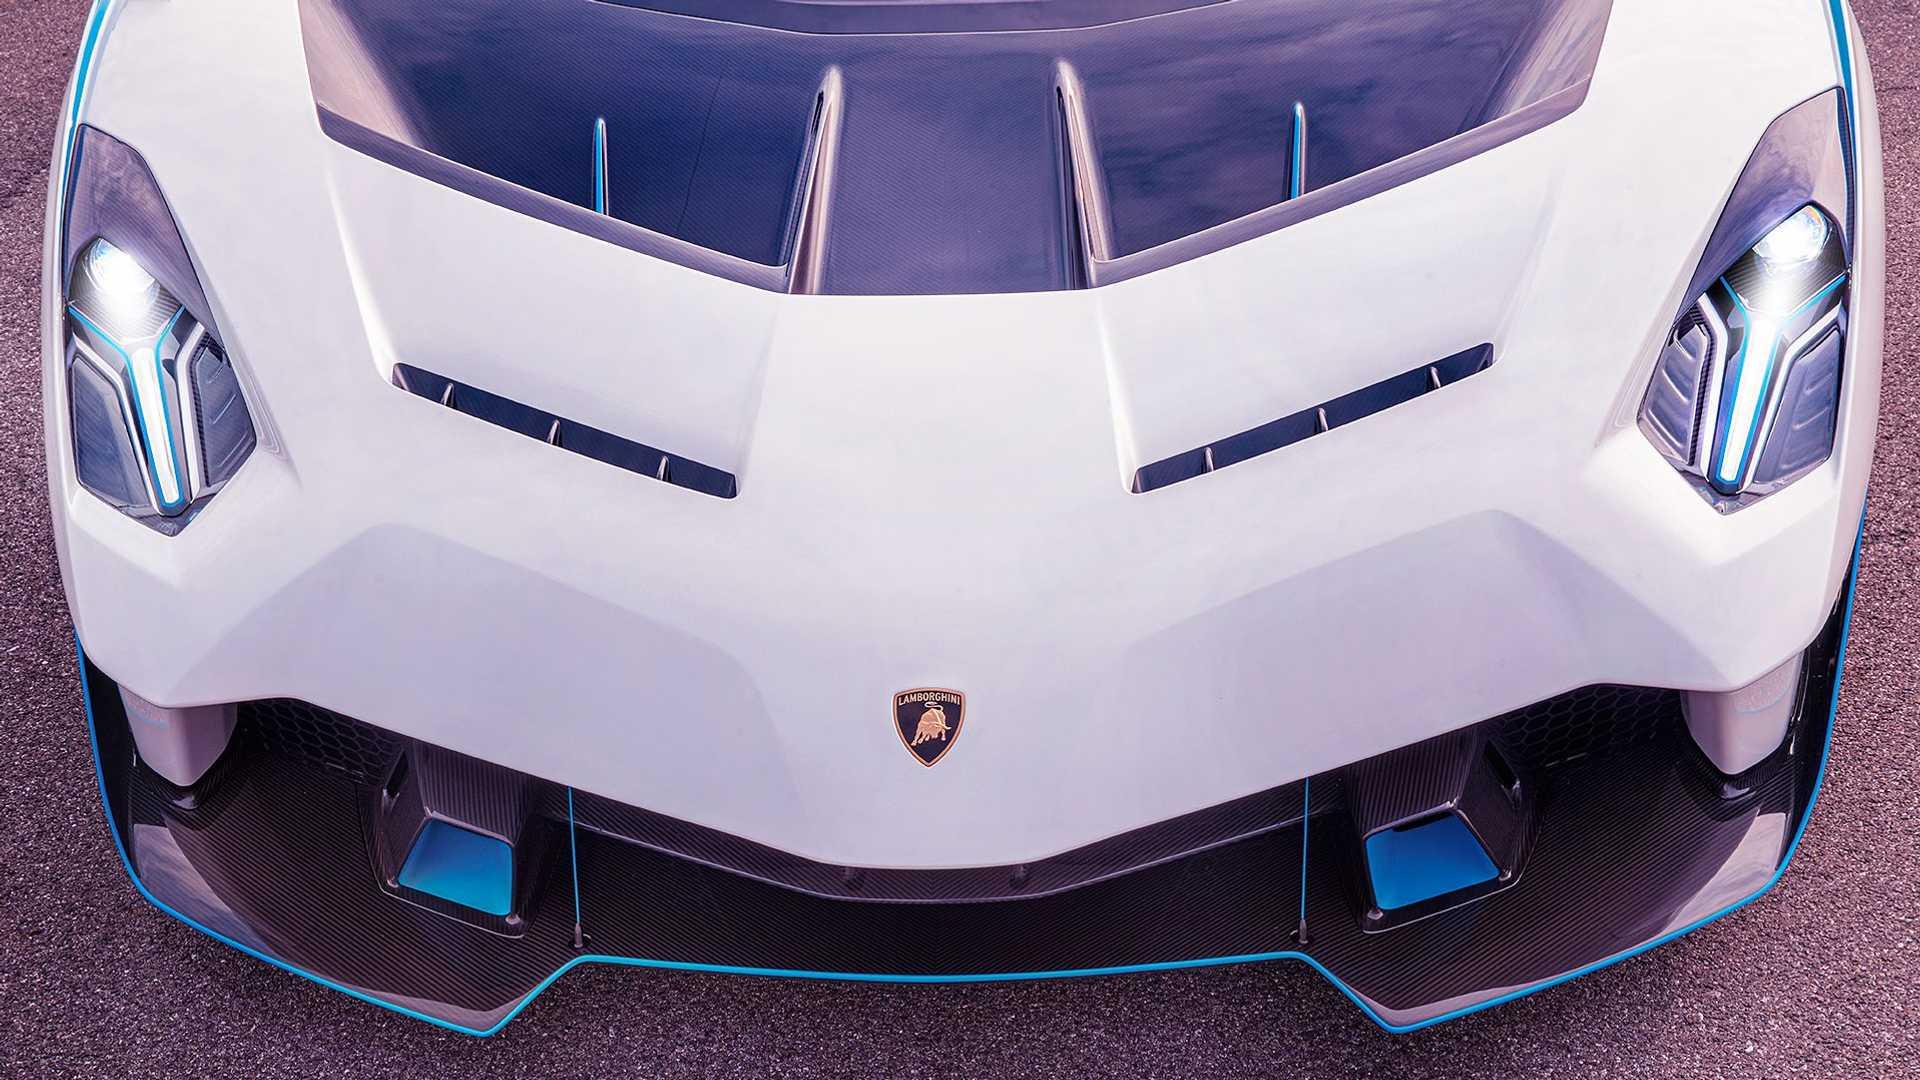 采用无车顶/前风挡设计 兰博基尼SC20官图发布